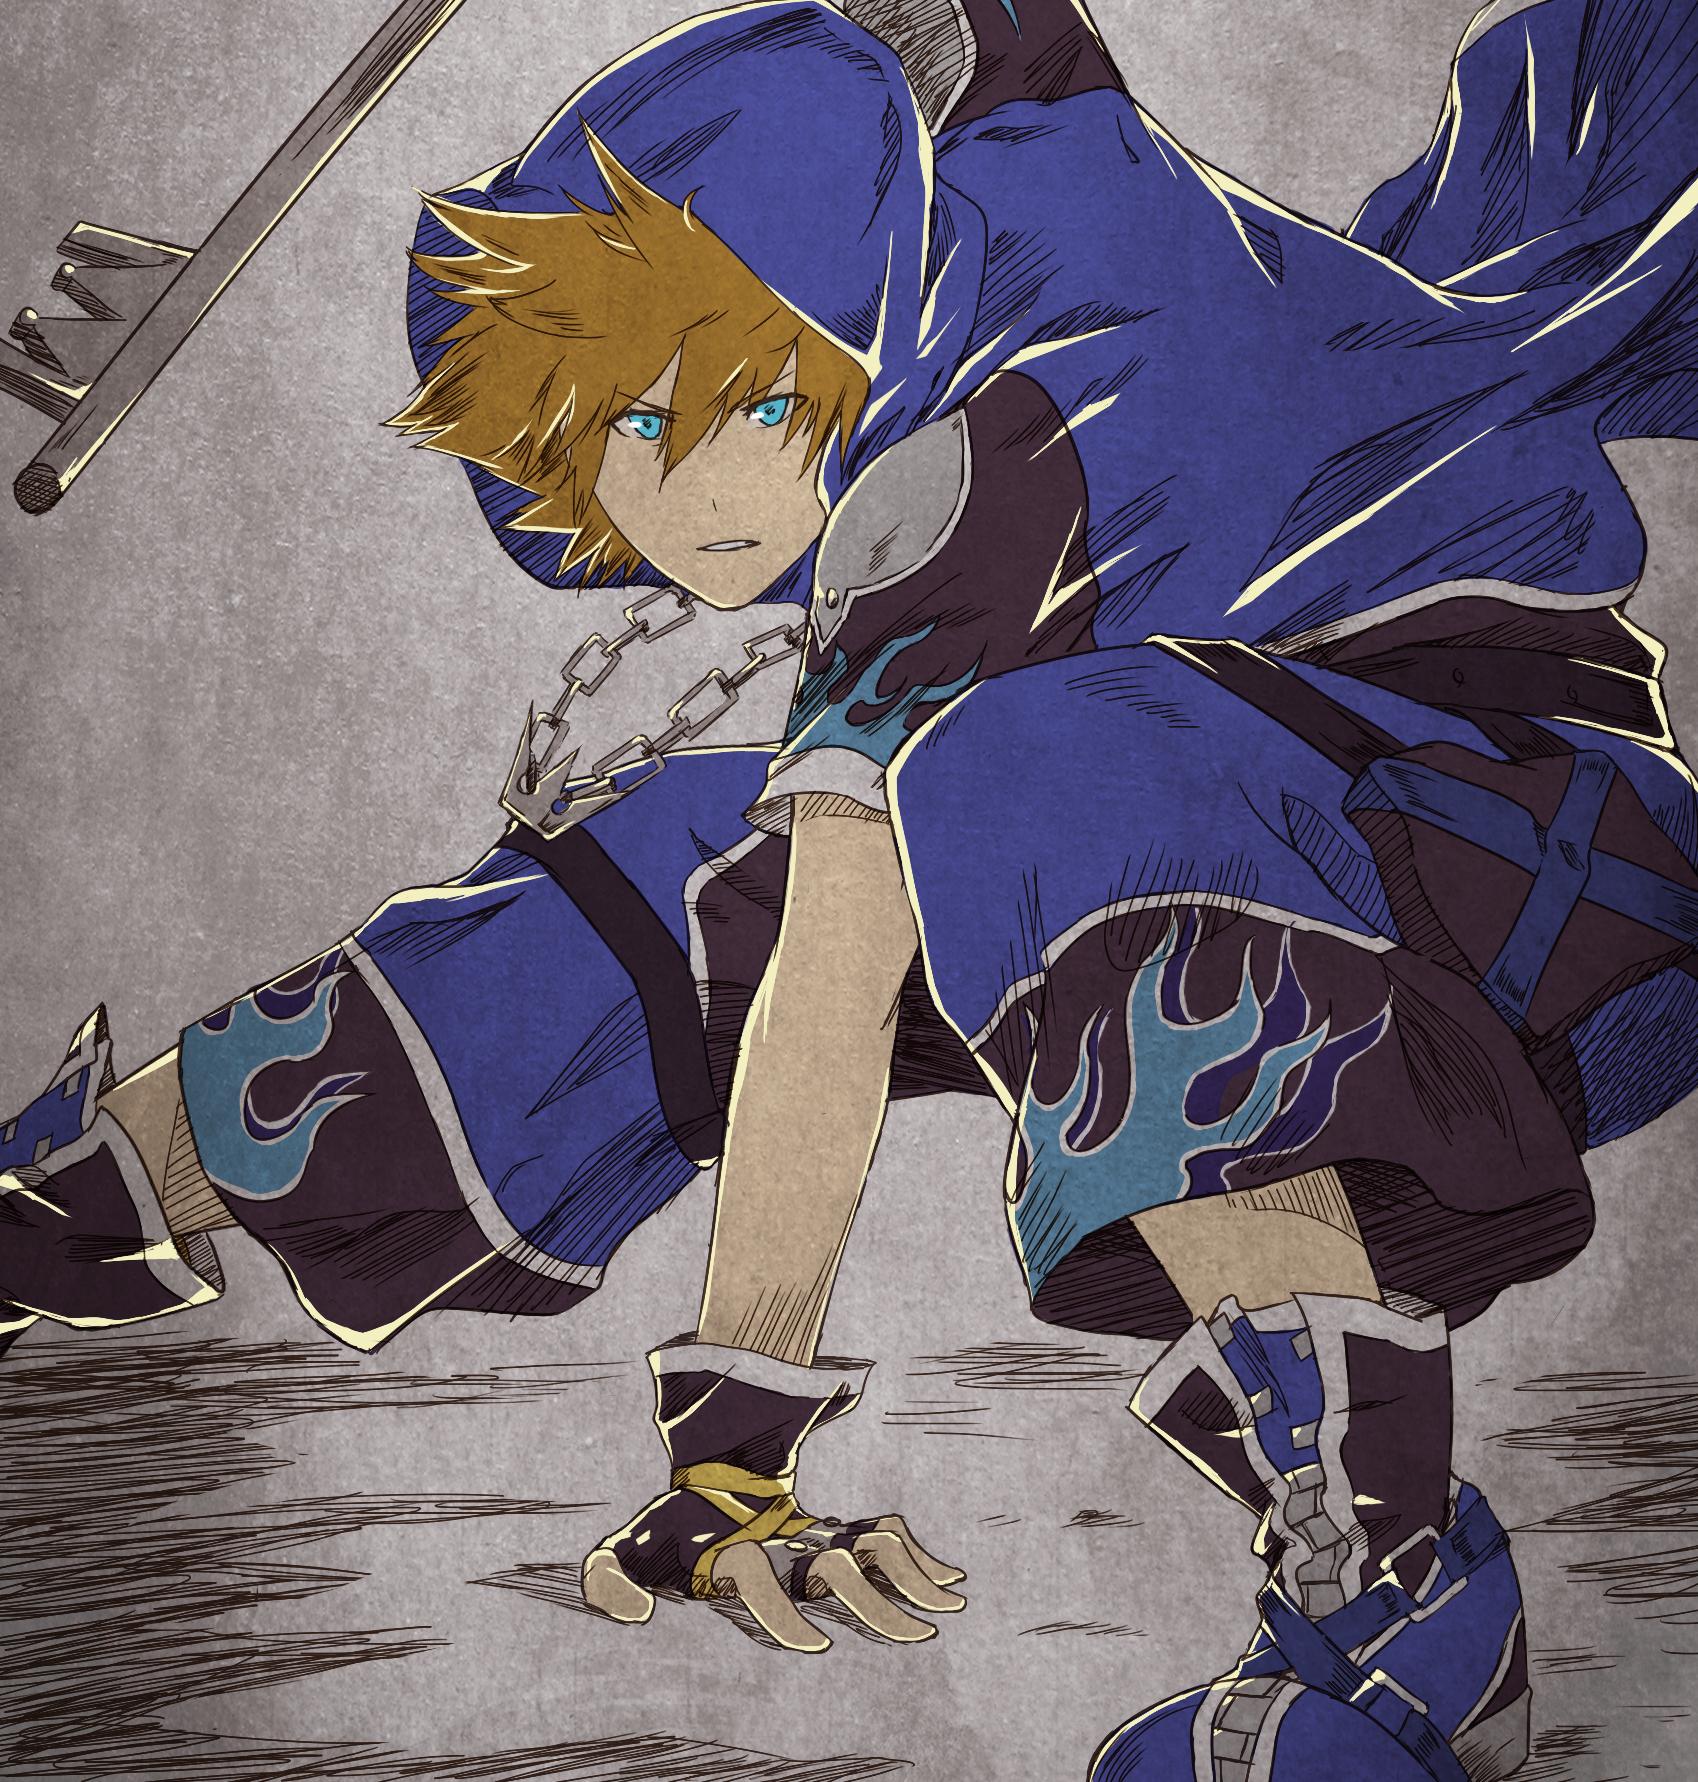 Wisdom Form - Sora (Kingdom Hearts) - Zerochan Anime Image Board